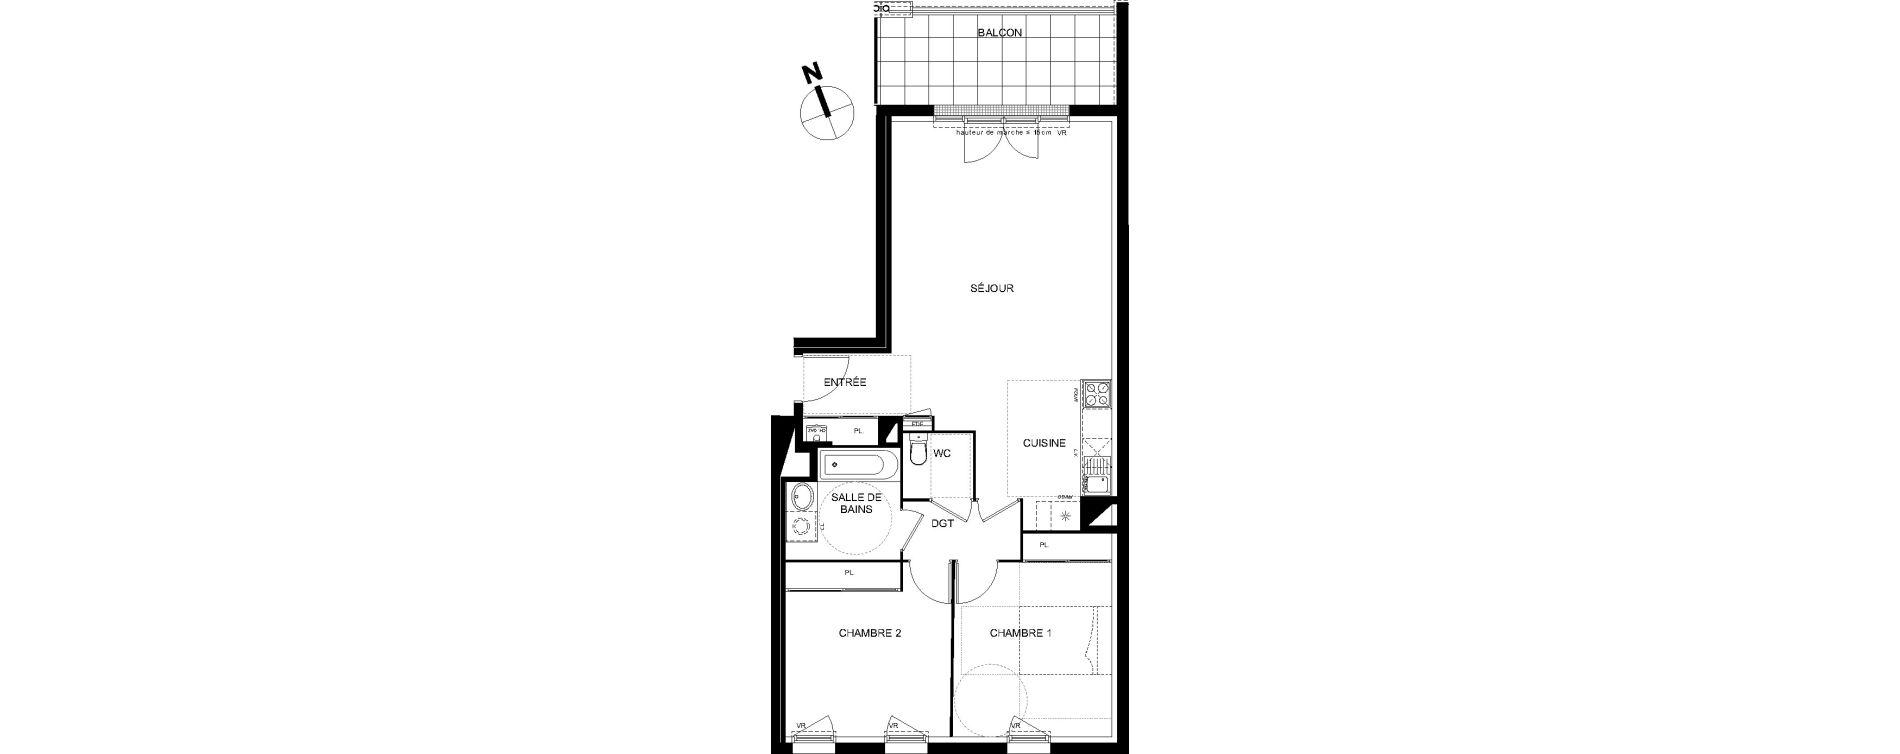 Appartement T3 de 71,19 m2 à Castanet-Tolosan Castanet tolosan centre